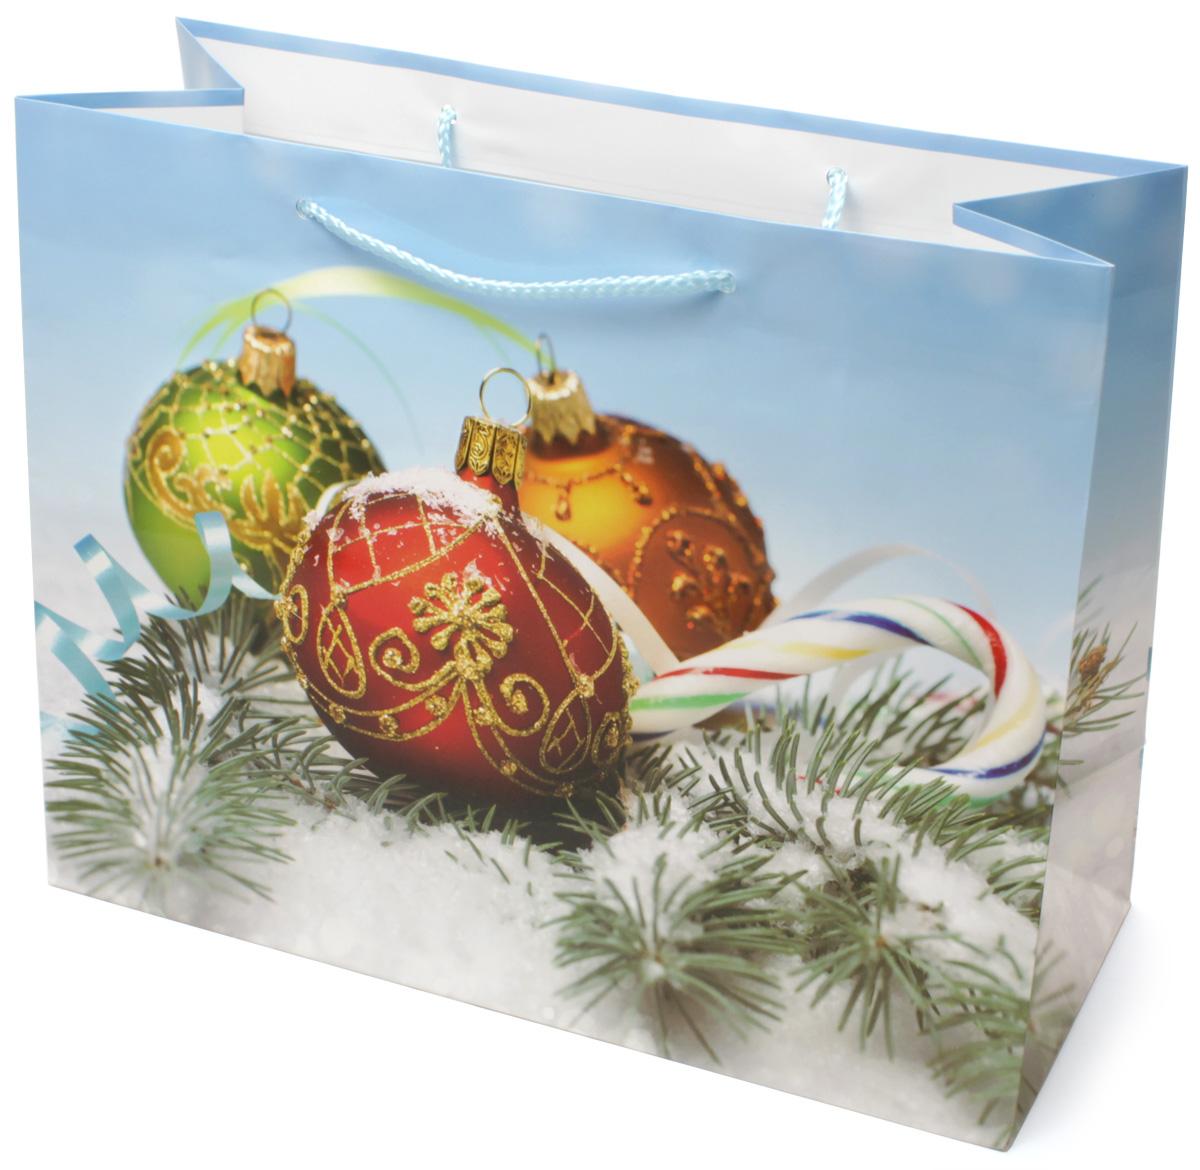 Пакет подарочный МегаМАГ Новый год, 32,7 х 26,4 х 13,6 см. 852 LH852 LHПодарочный пакет МегаМАГ, изготовленный из плотной ламинированной бумаги, станет незаменимым дополнением к выбранному подарку. Для удобной переноски на пакете имеются две ручки-шнурки. Подарок, преподнесенный в оригинальной упаковке, всегда будет самым эффектным и запоминающимся. Окружите близких людей вниманием и заботой, вручив презент в нарядном, праздничном оформлении.